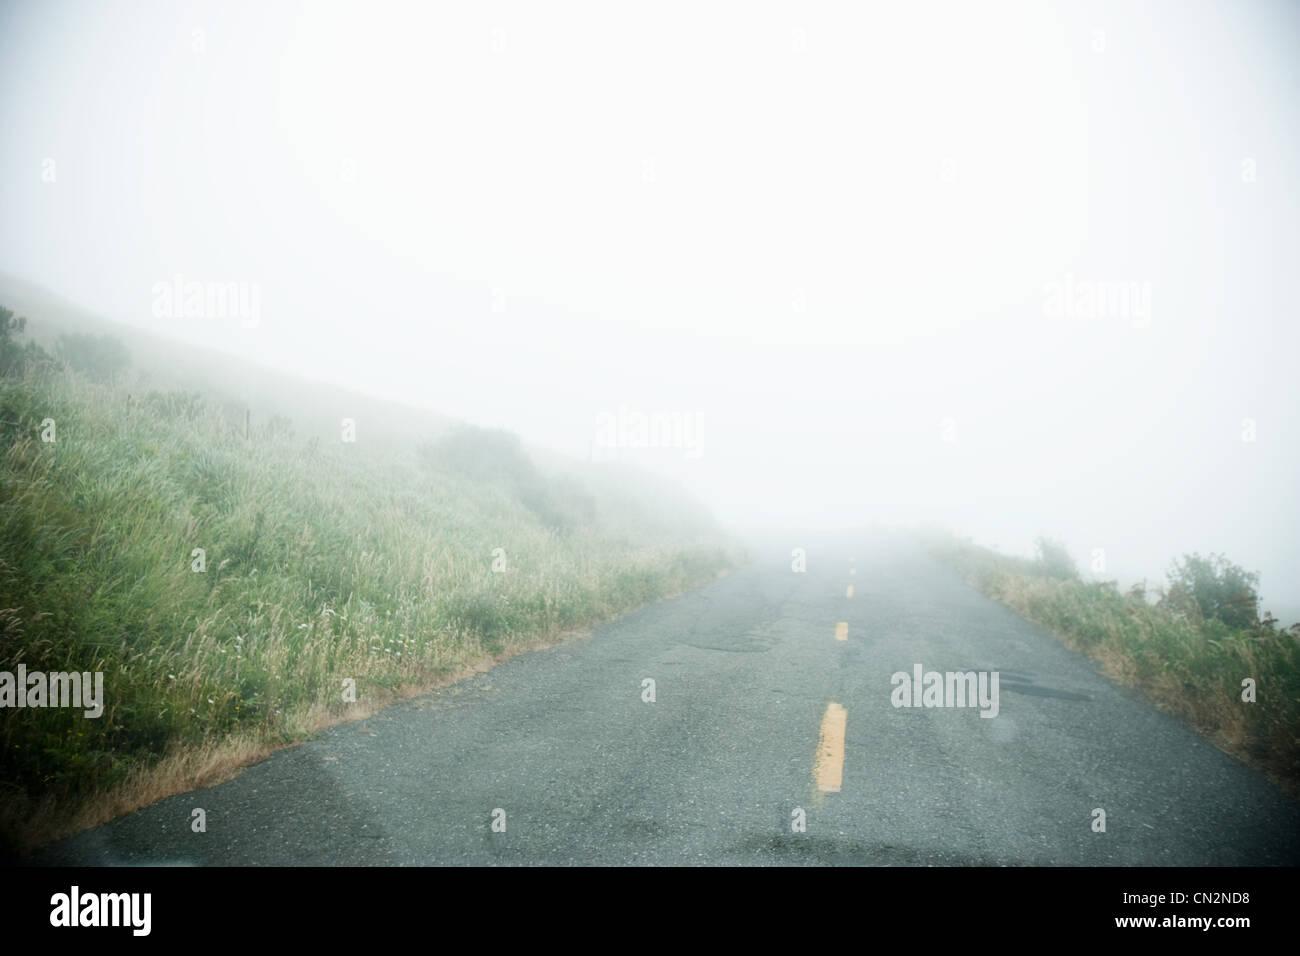 Route à travers le brouillard pare-brise de voiture Photo Stock